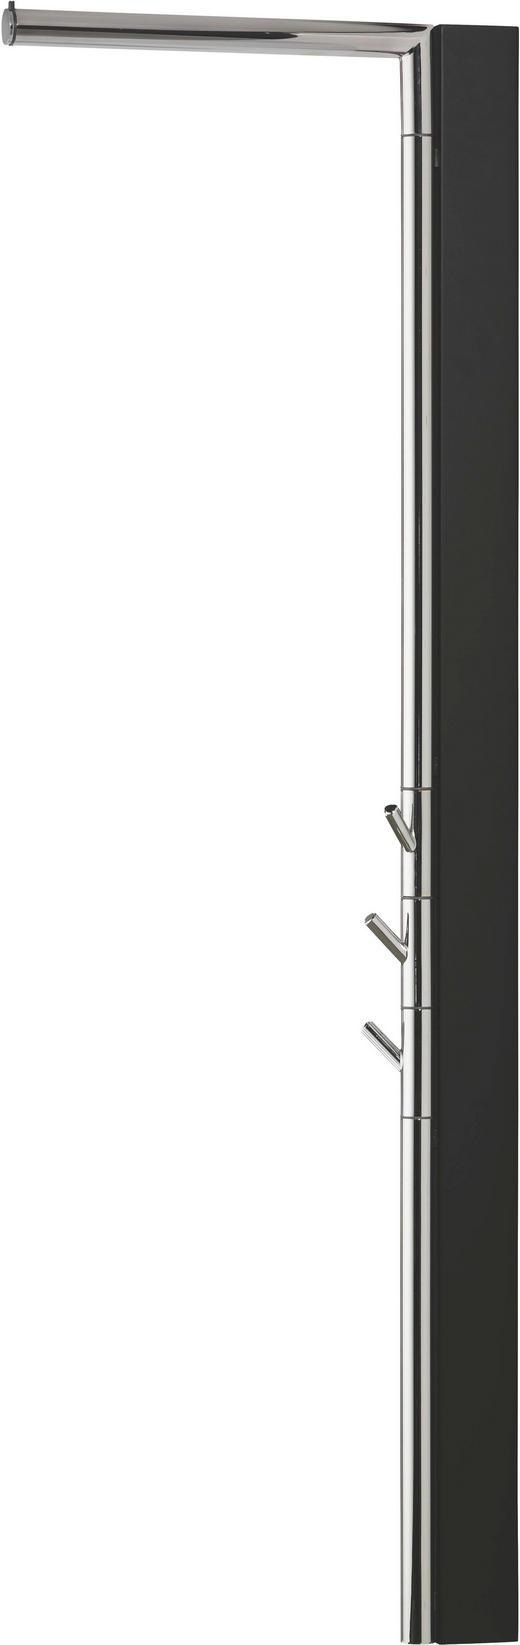 WANDGARDEROBE Buche massiv Schwarz - Schwarz, Design, Holz (2,5(35)/120/38,5cm) - Carryhome